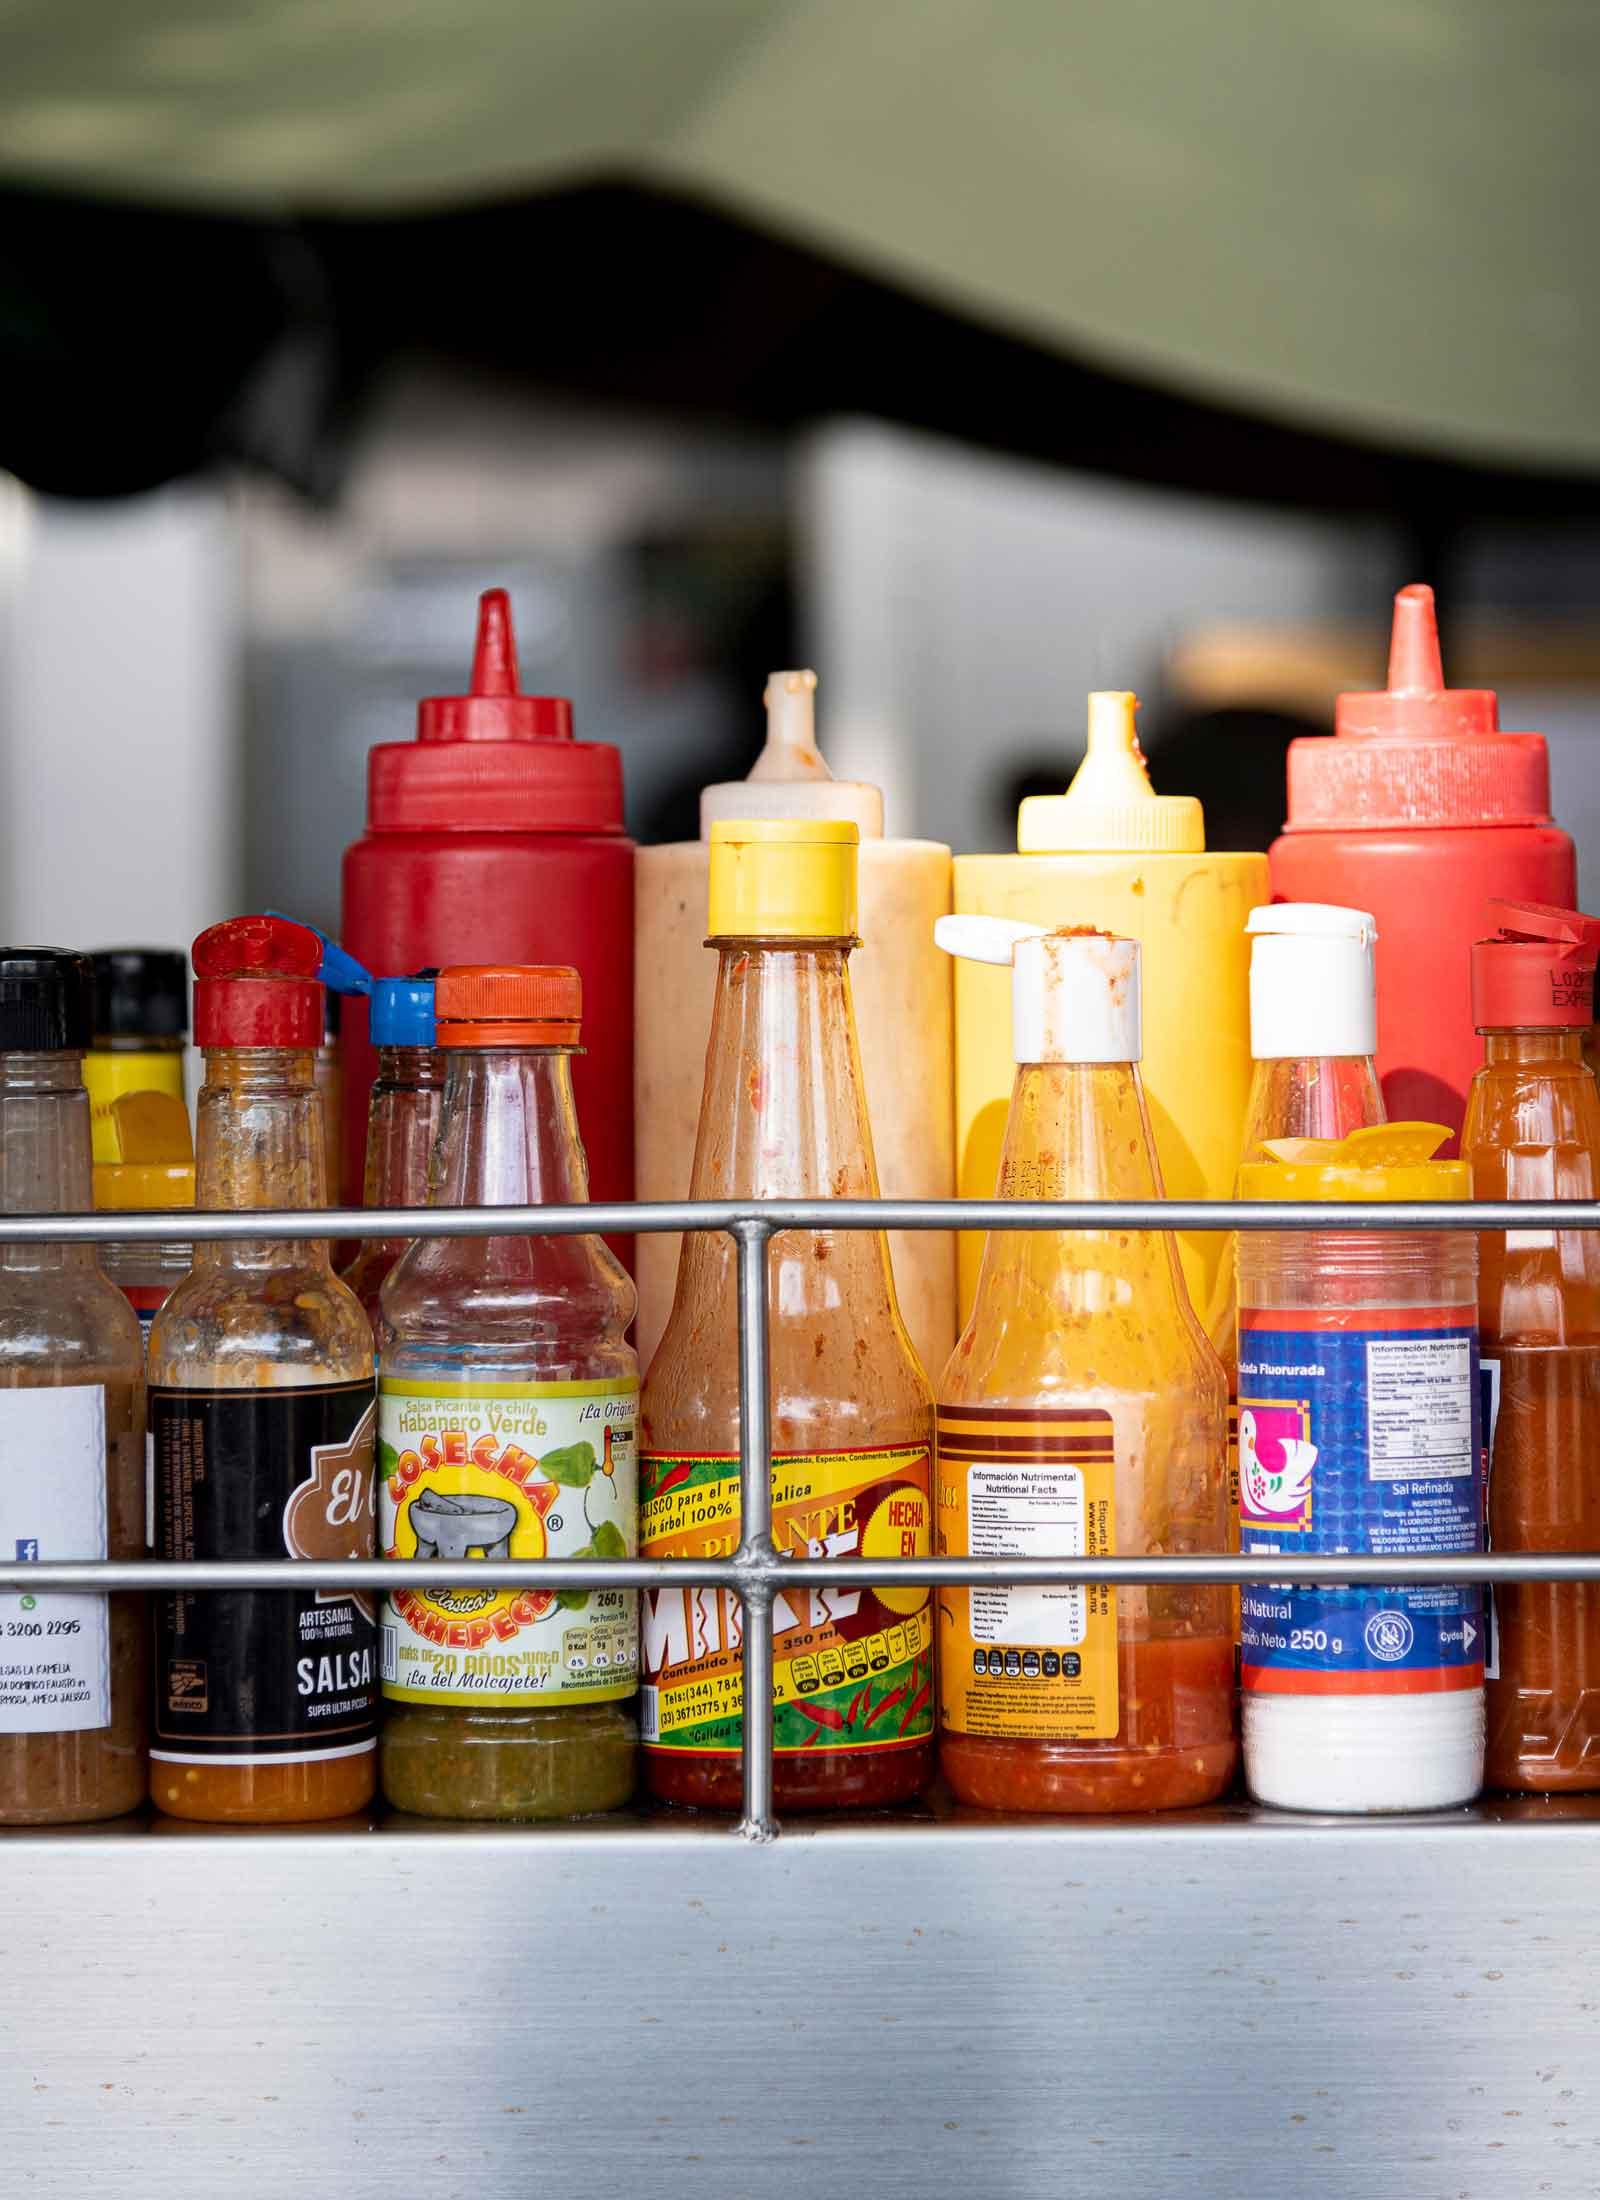 salsas-picantes-mexico-estudio-como